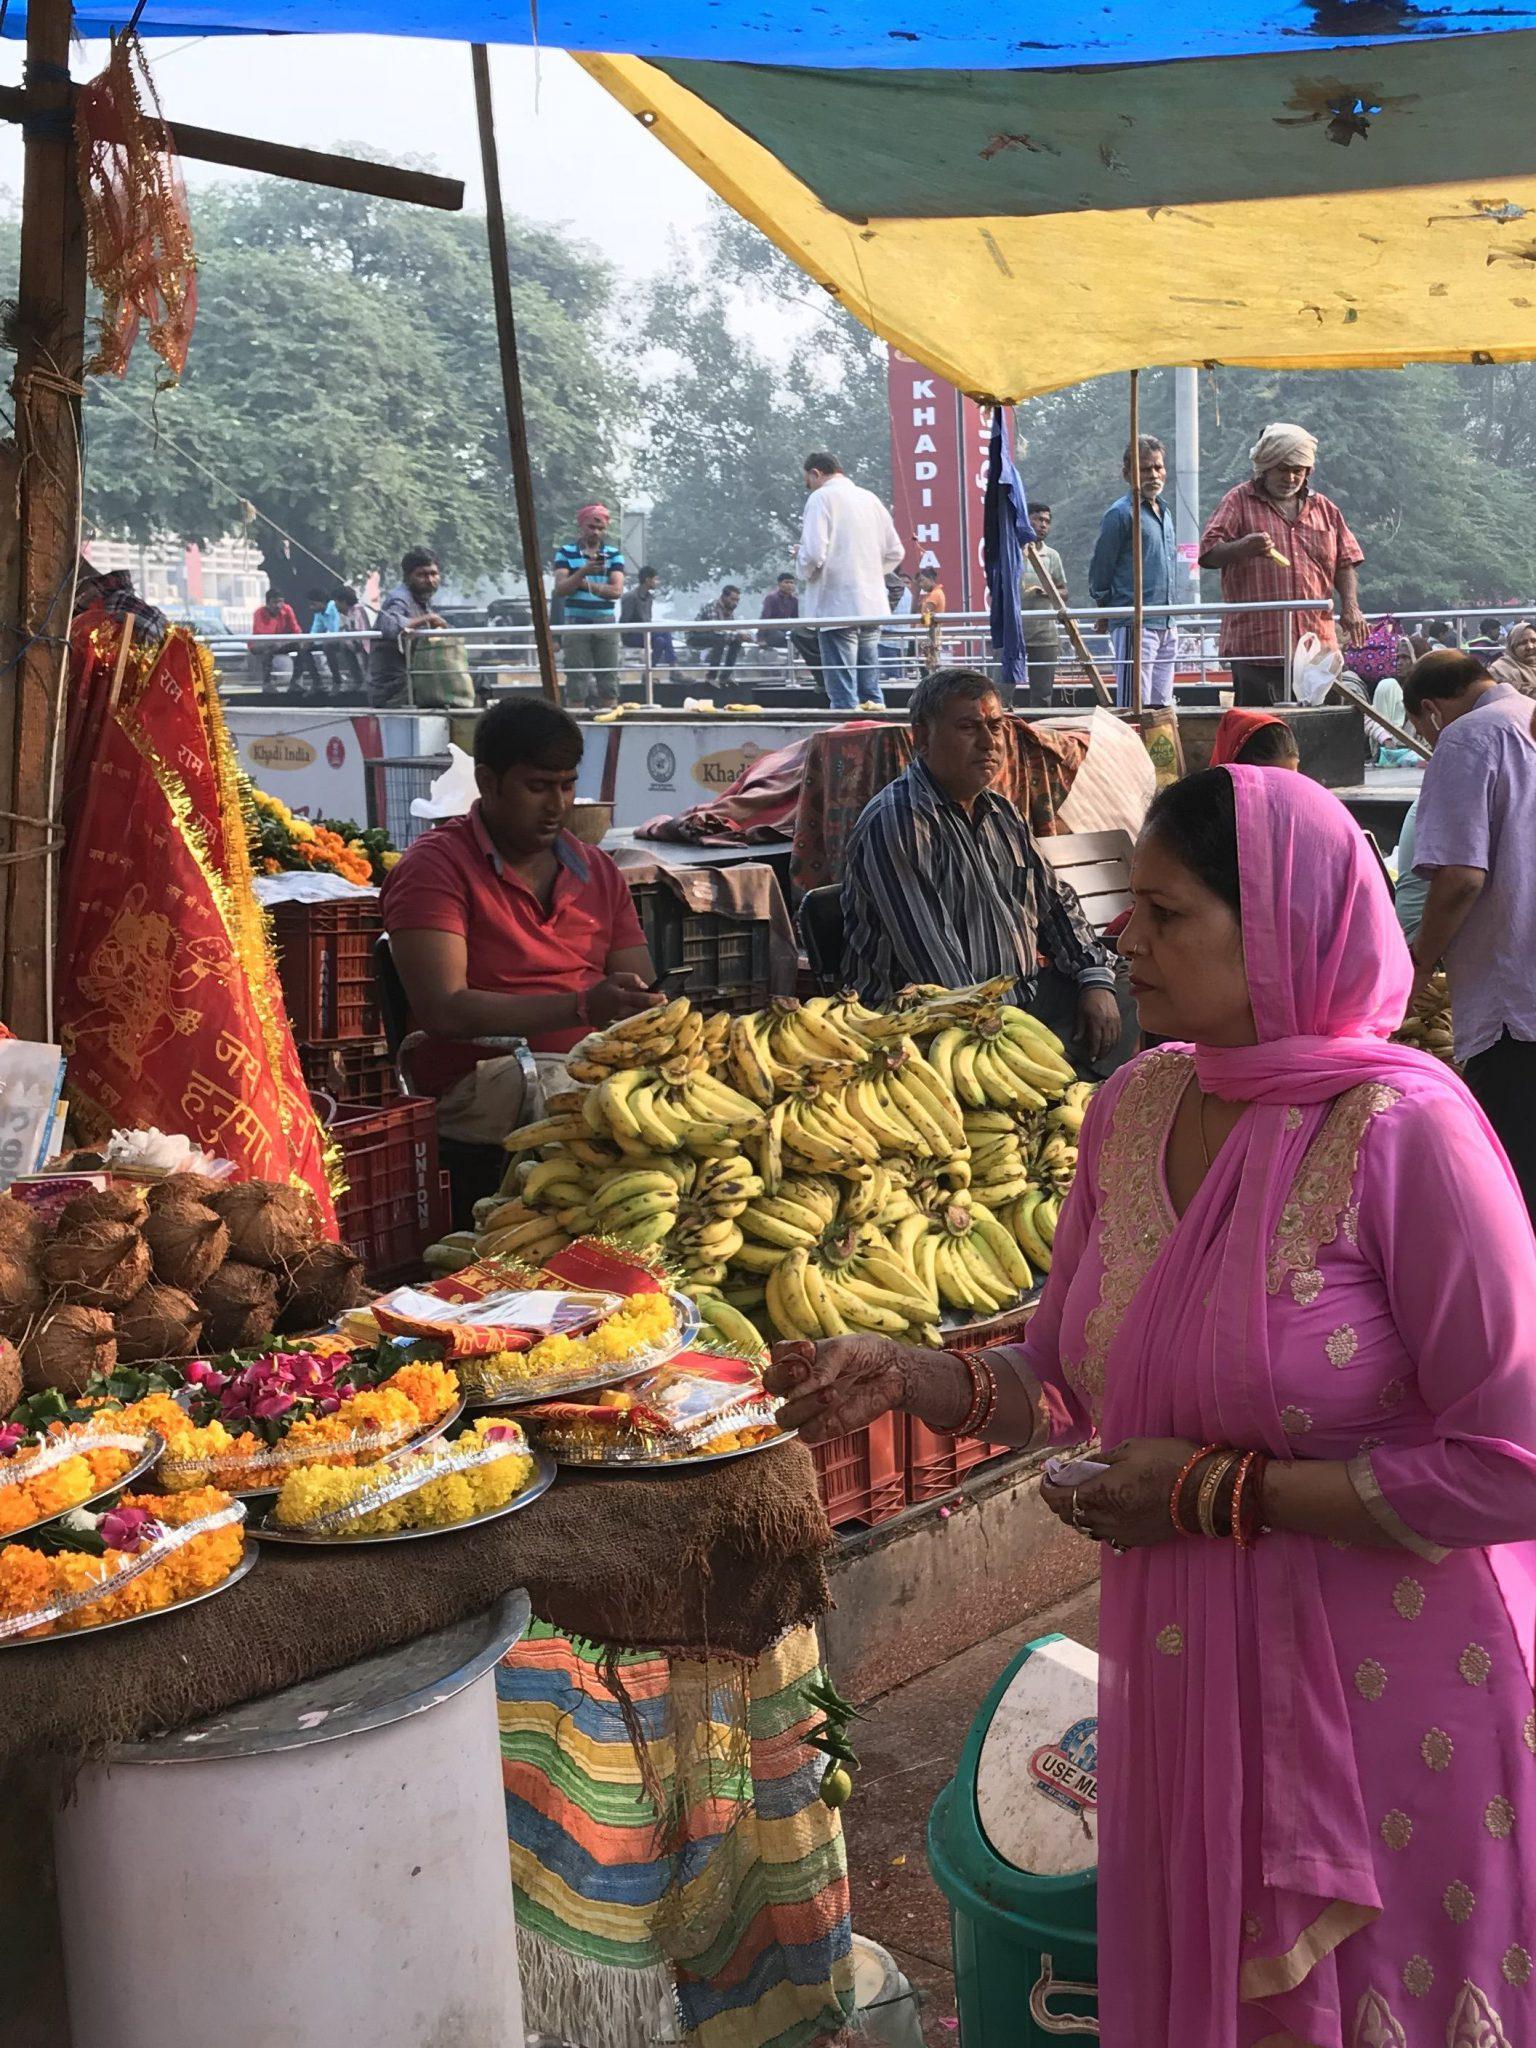 Temple, New Delhi, India